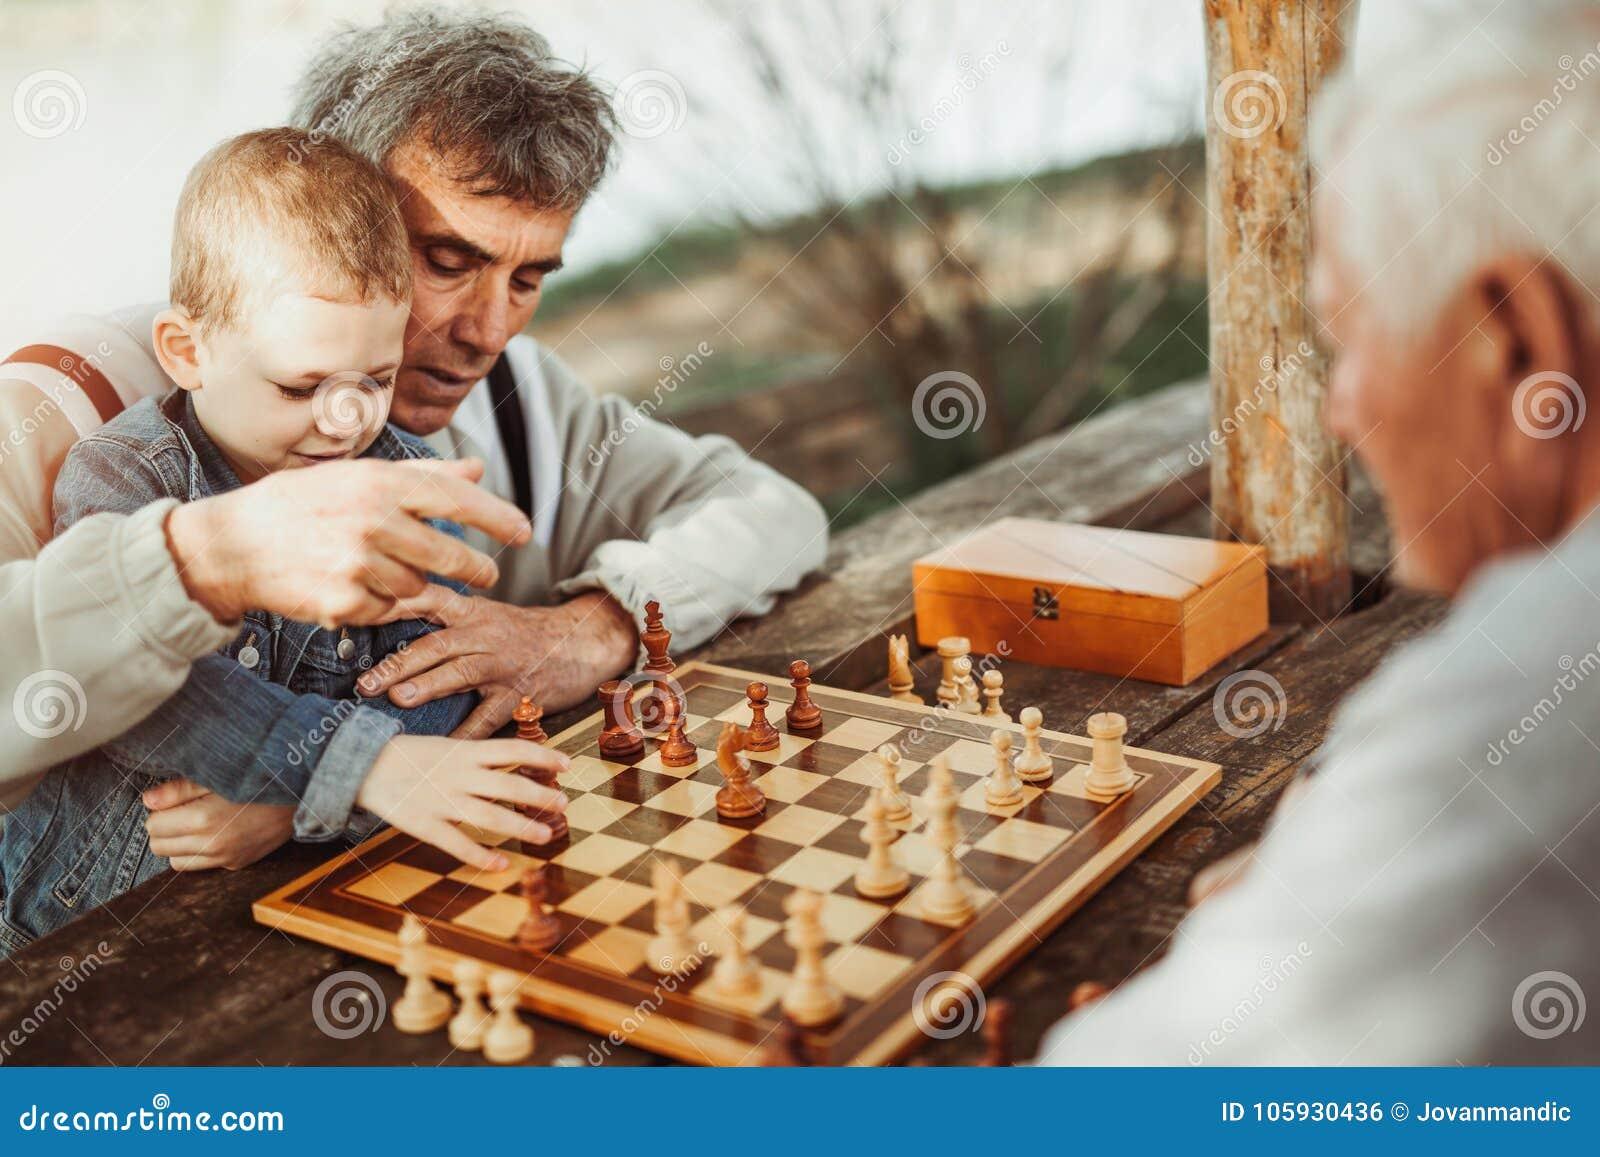 Senior men having fun and playing chess